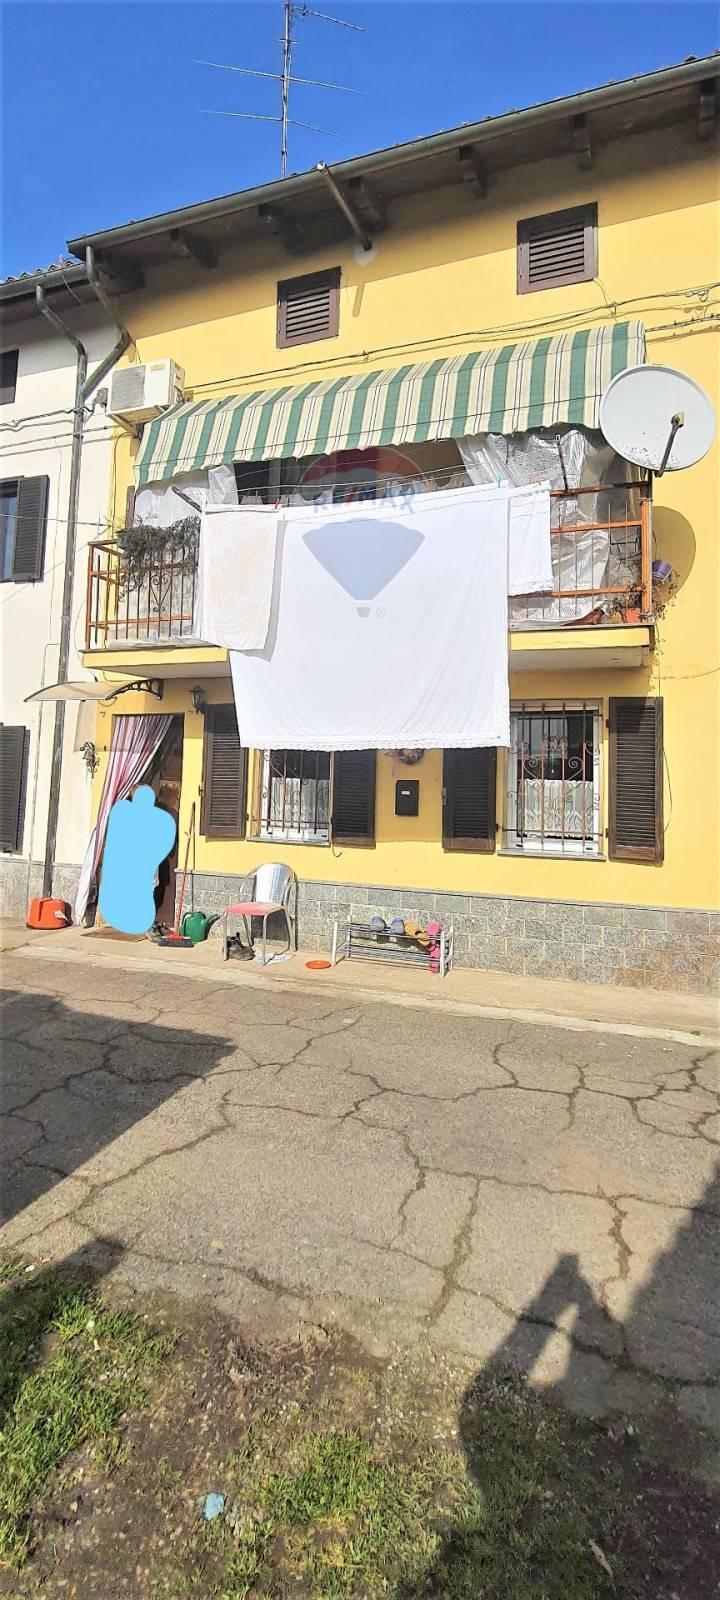 Soluzione Semindipendente in vendita a Morano sul Po, 4 locali, zona Località: DueSture, prezzo € 102.000 | CambioCasa.it